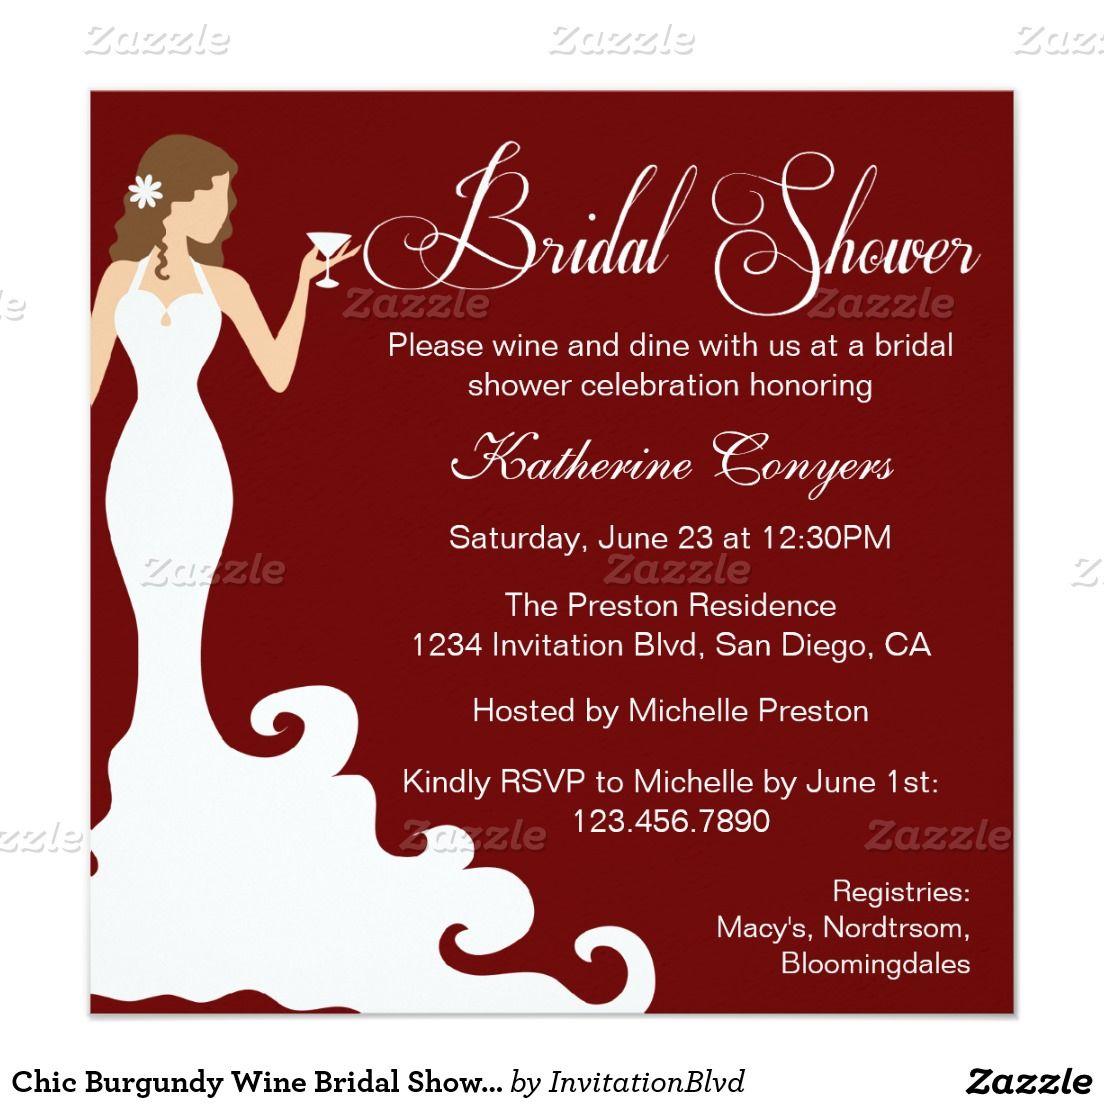 Chic Burgundy Wine Bridal Shower Invitation   Shower Ideas ...